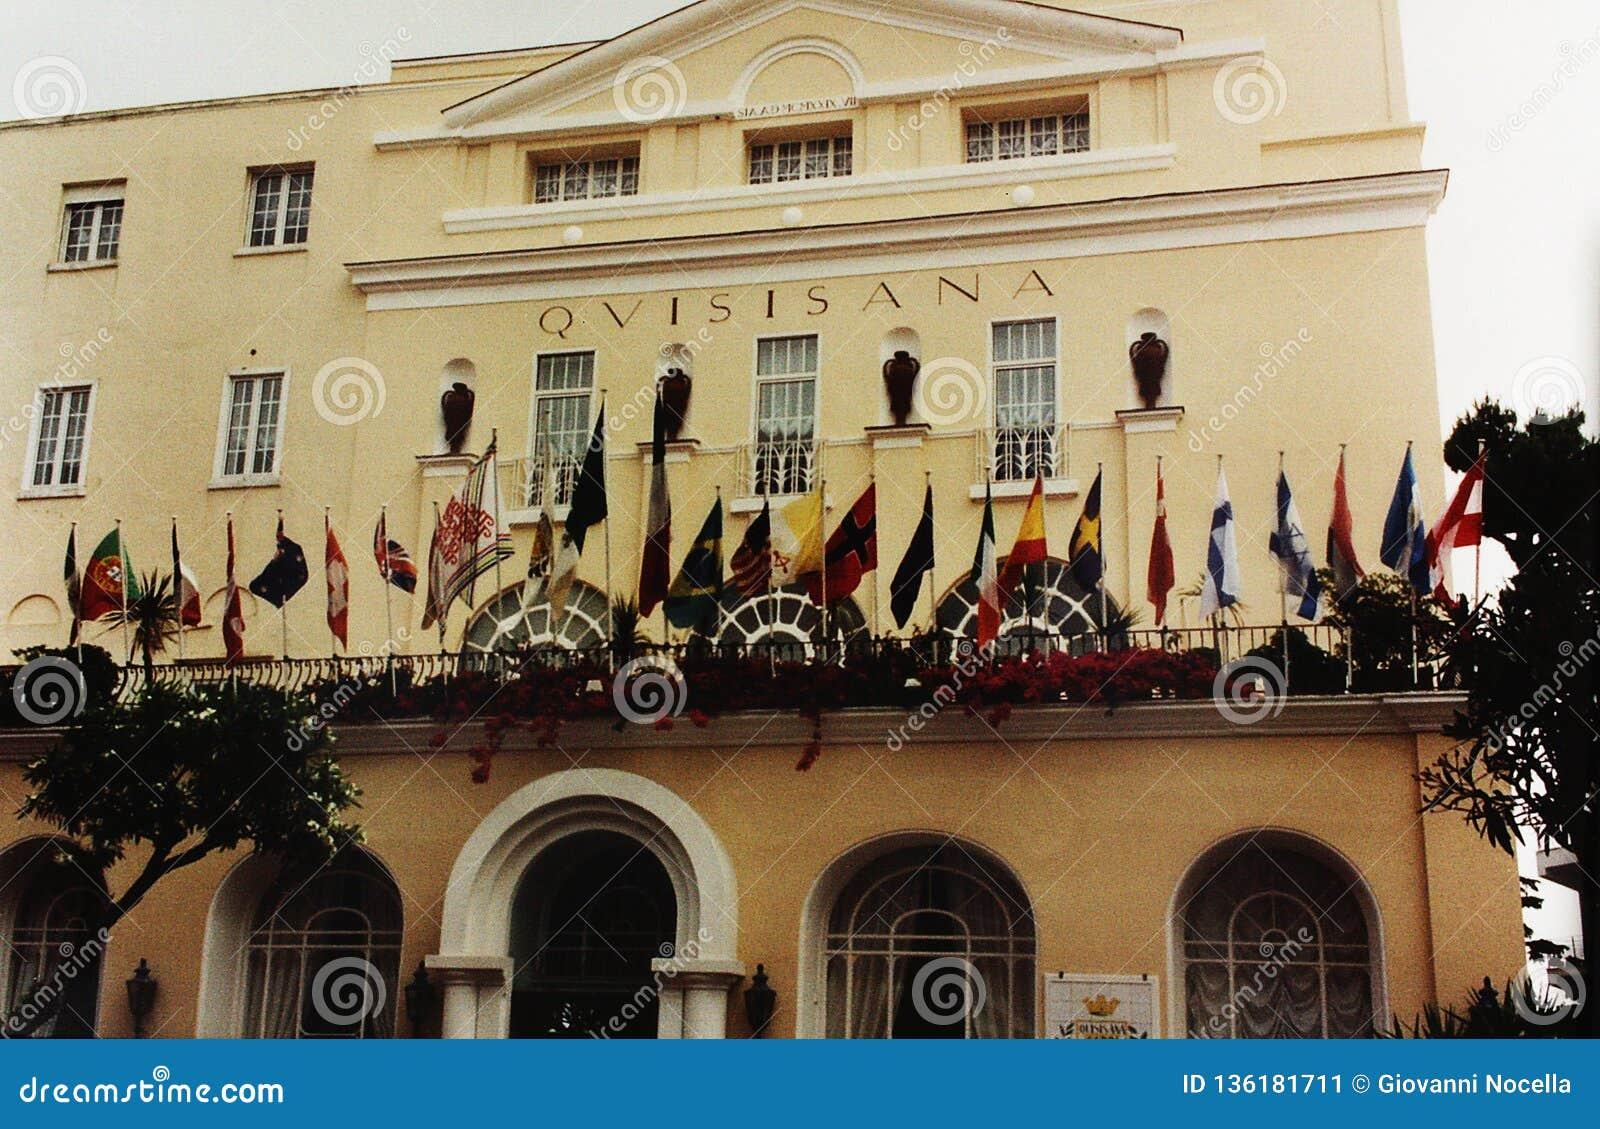 CAPRI, ITALIE, 1992 - les drapeaux de beaucoup de nations flottent sur la terrasse fleurie d un des hôtels les plus fascinants de